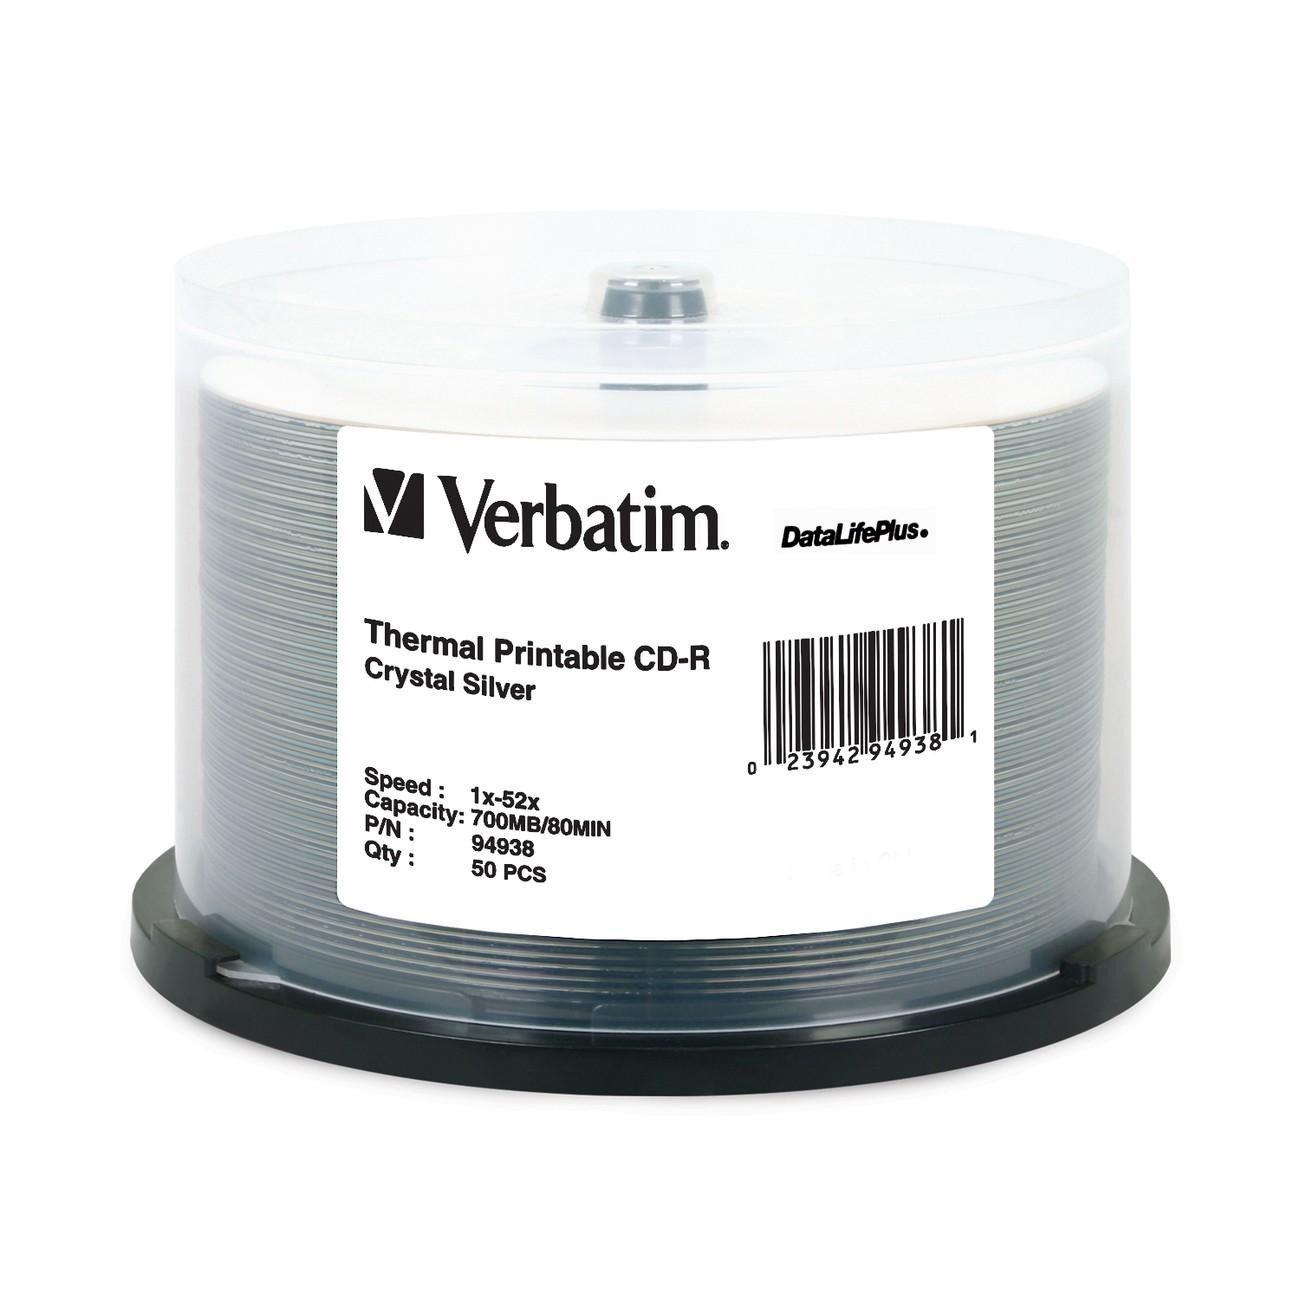 Verbatim DataLifePlus 94938 CD Recordable Media - CD-R - 52x - 700 MB - 50 Pack Spindle